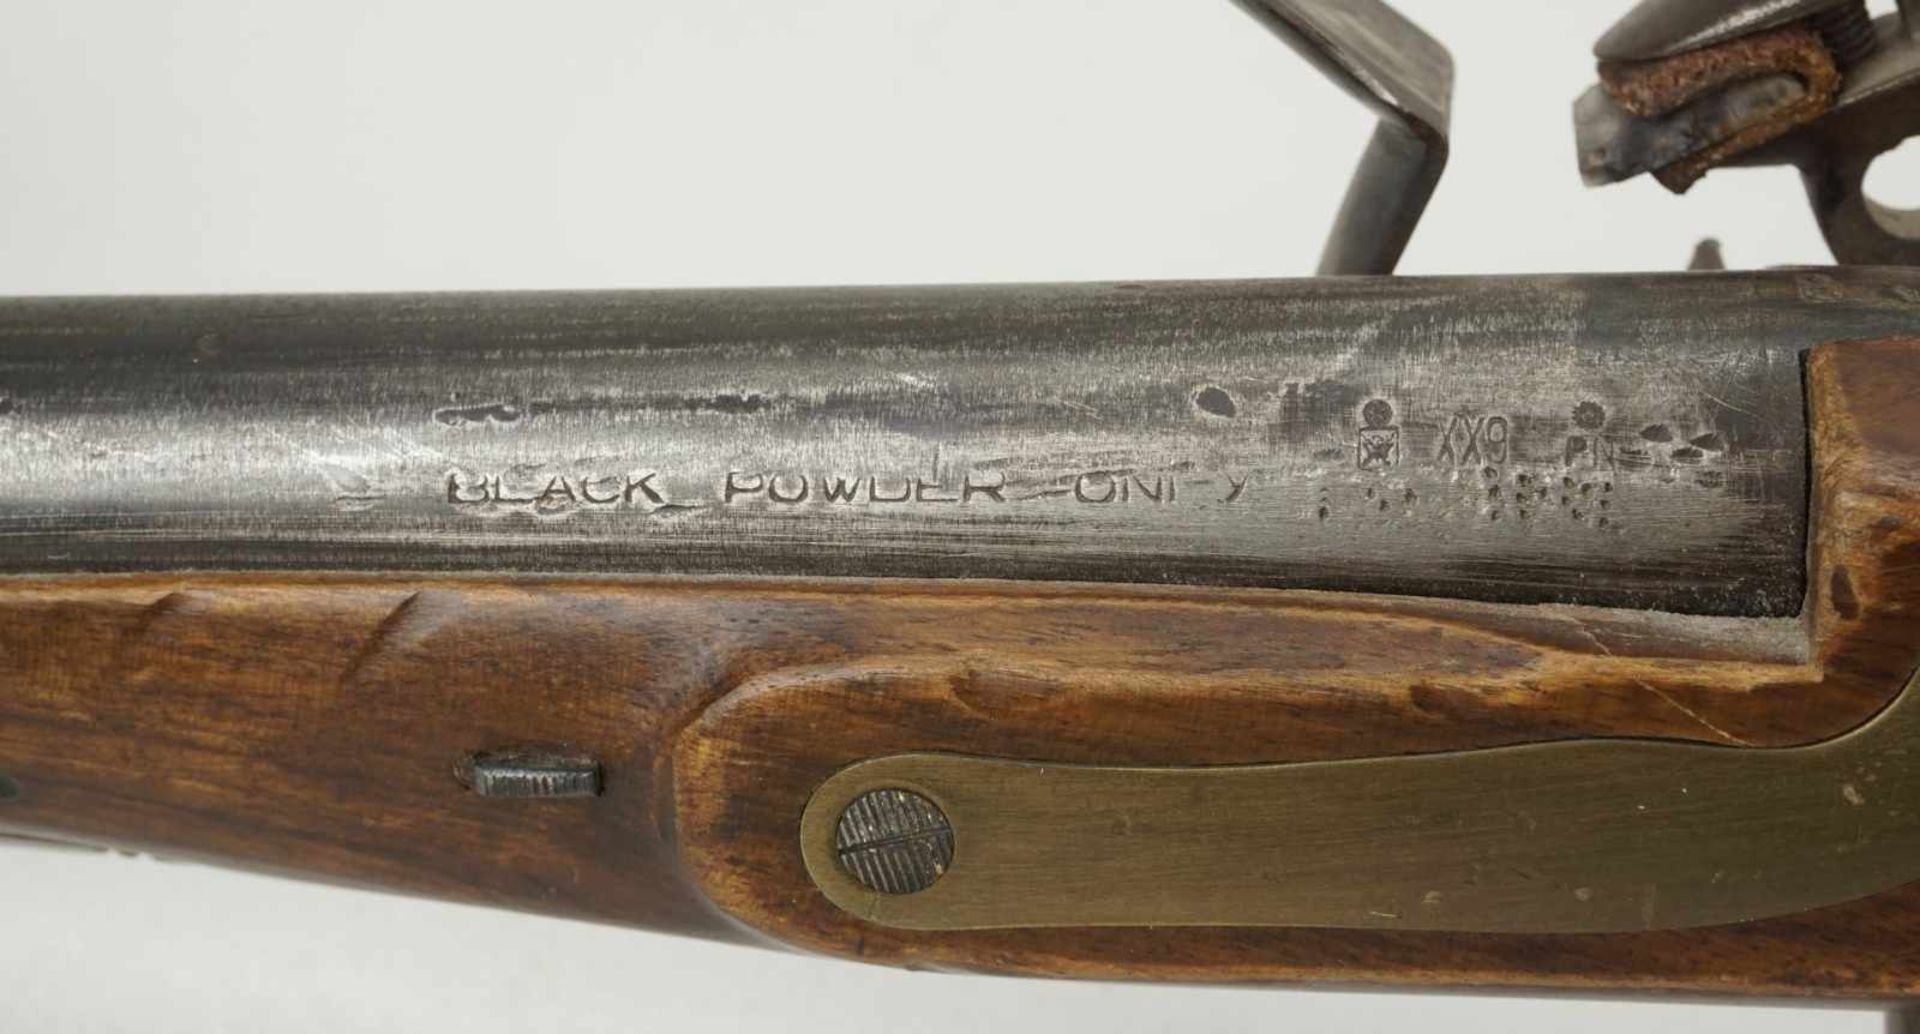 Steinschlosspistole Harpers Ferry M 1807 - Bild 5 aus 5